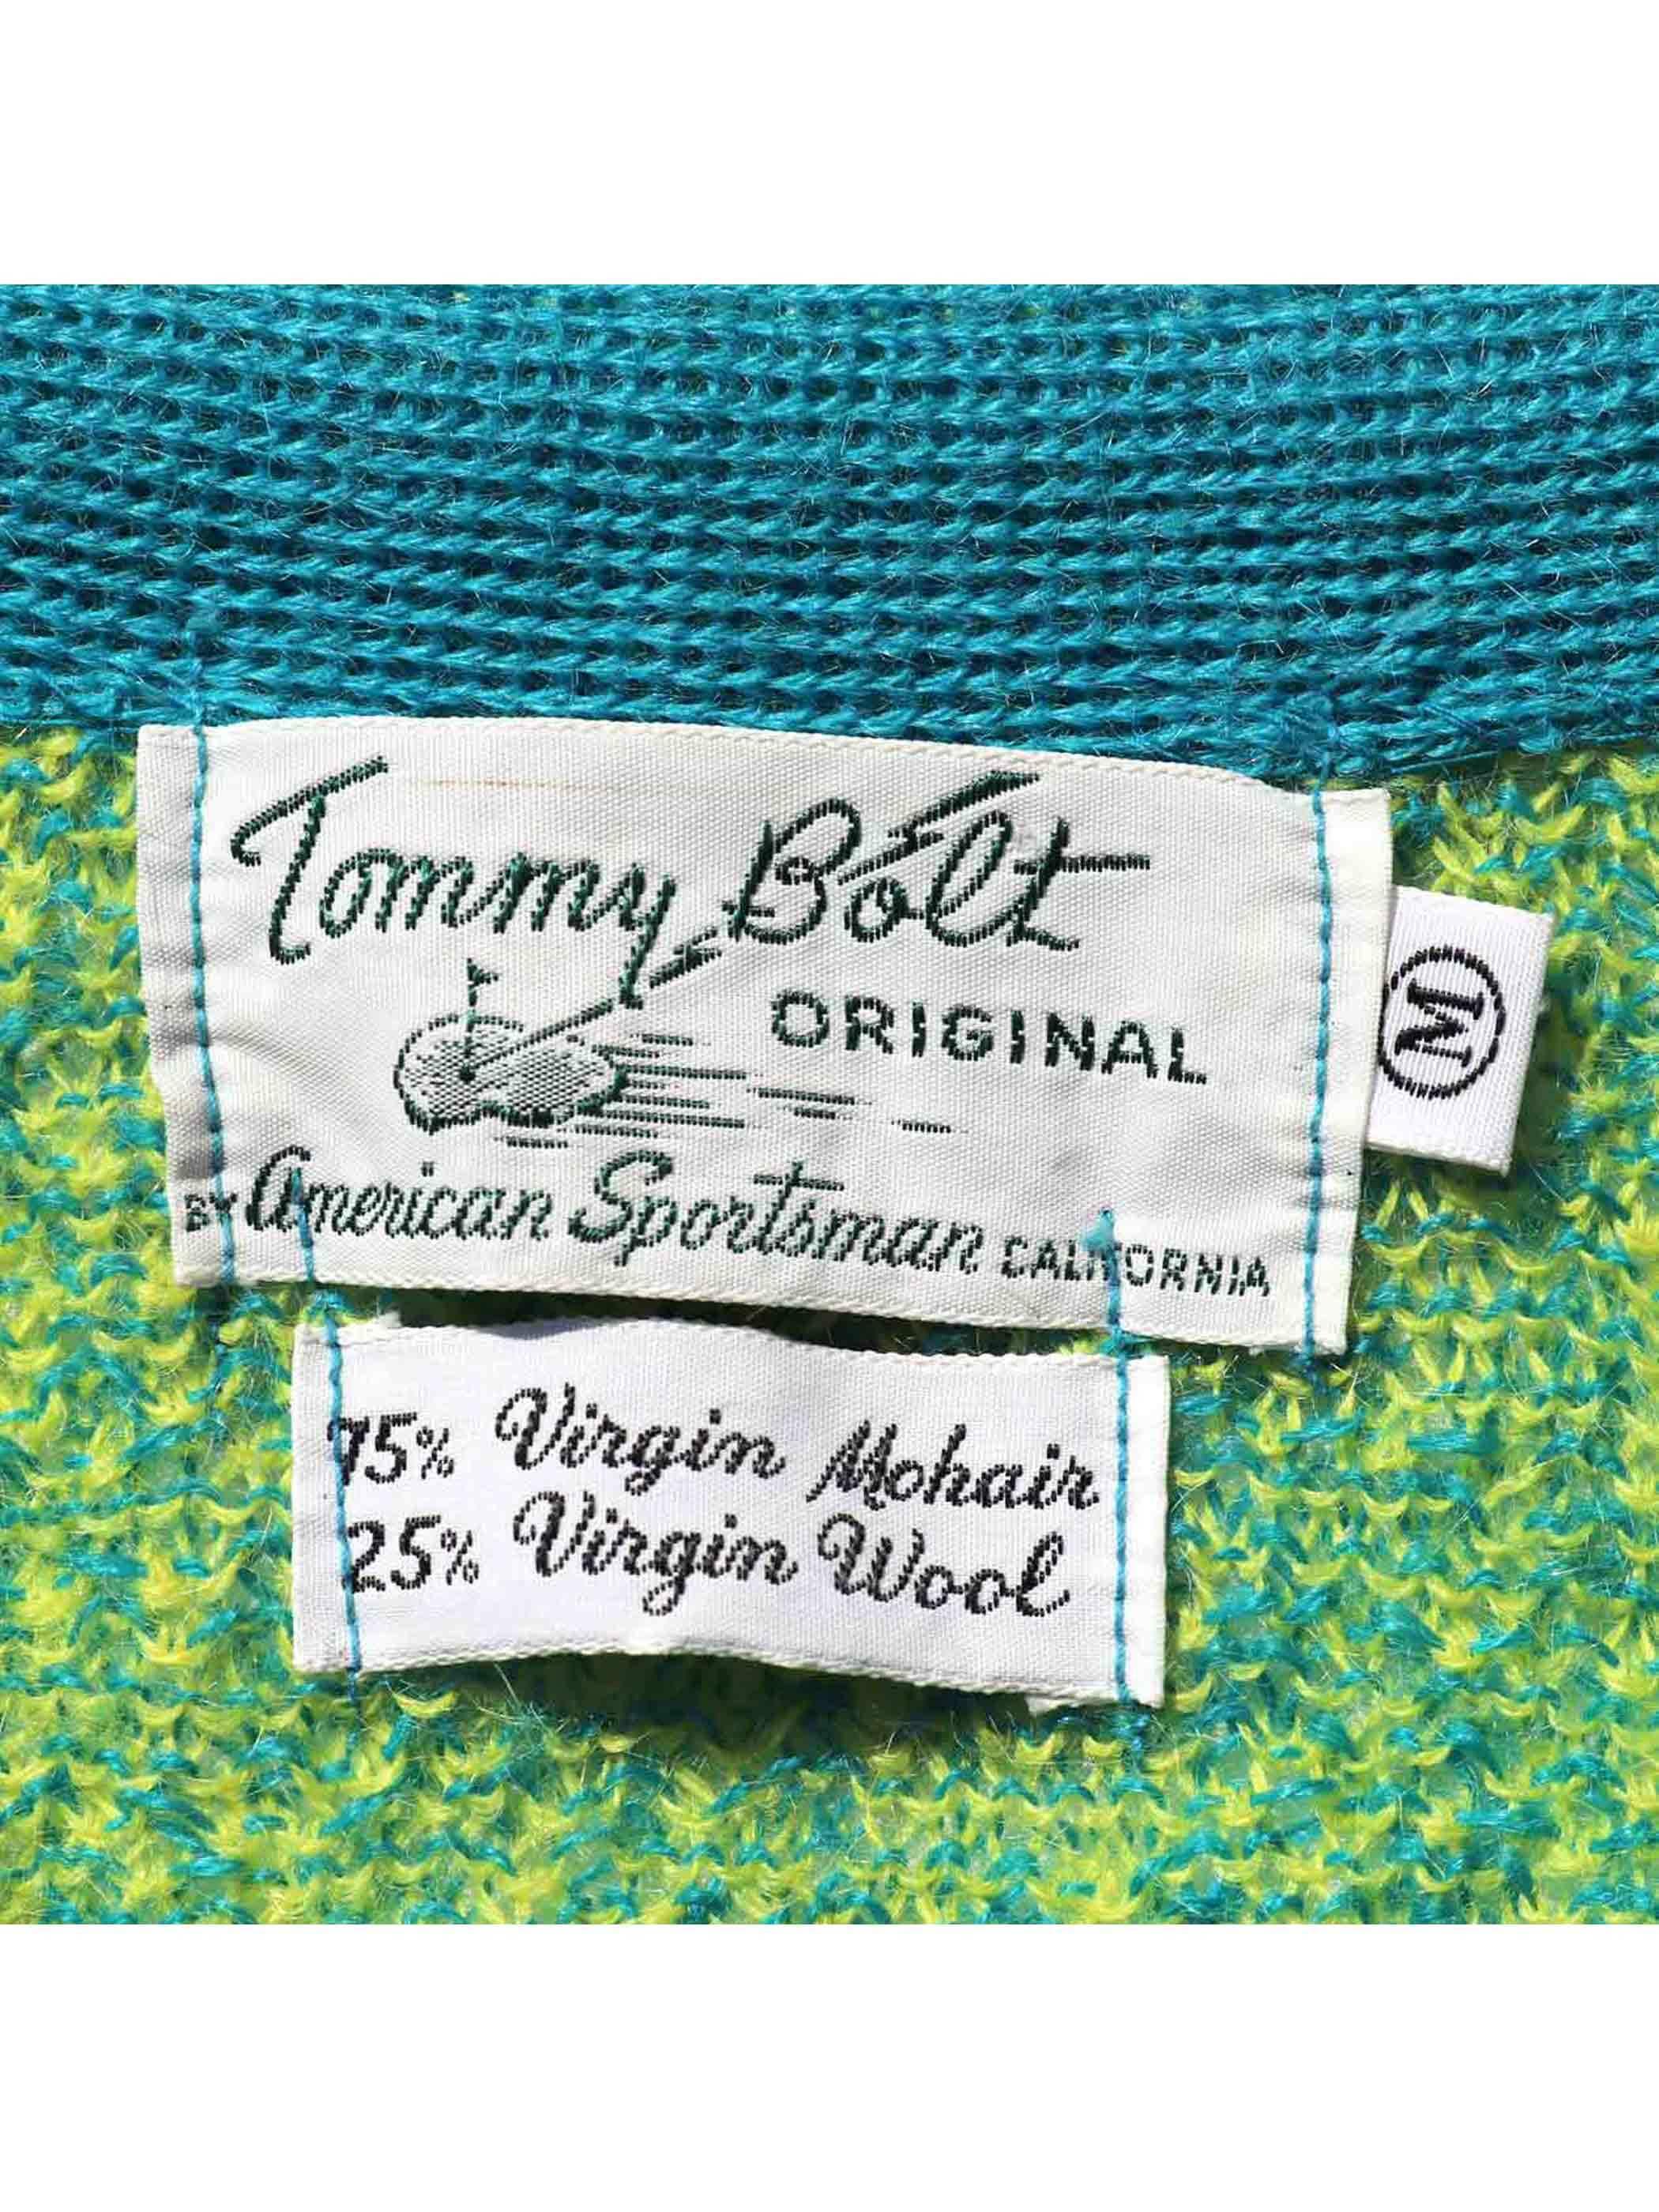 60's TOMMY BOLT ミックス杢 モヘアカーディガン [M]